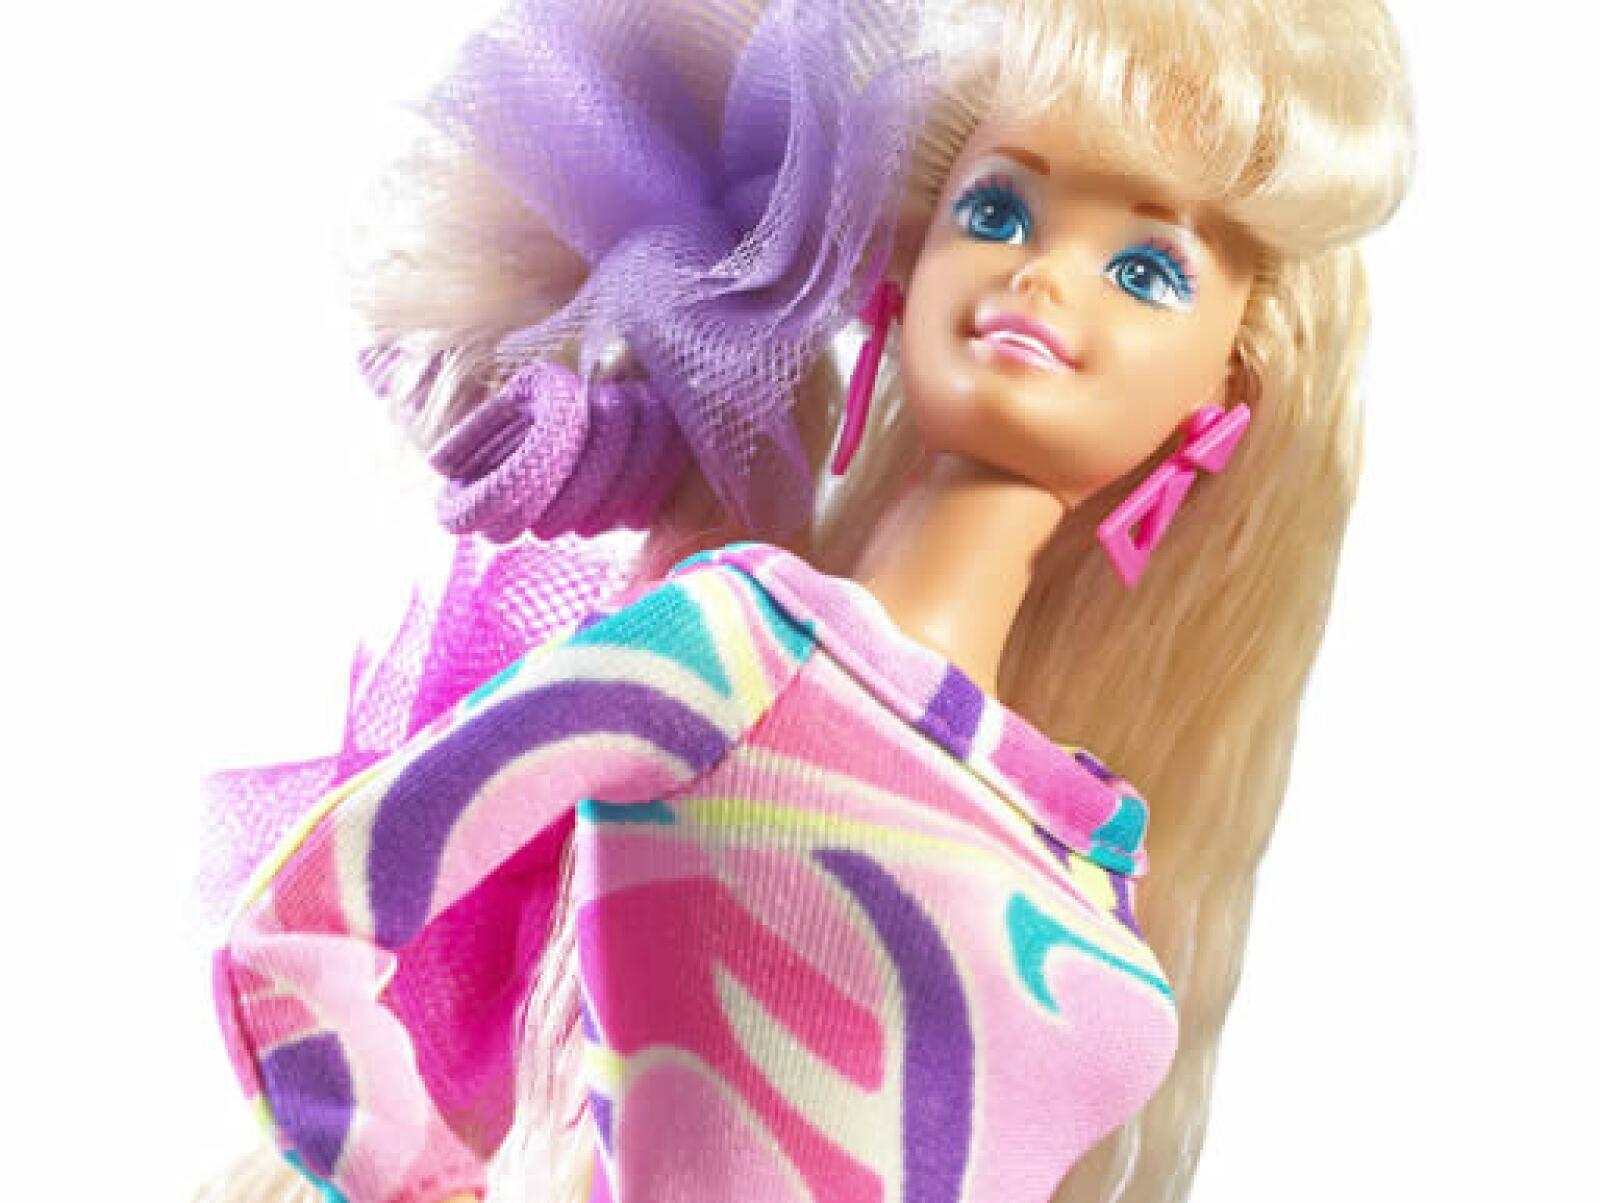 La muñeca más vendida fue la Barbie Totally Hair, que salió en 1992, con la característica que el pelo le llegaba hasta los pies.